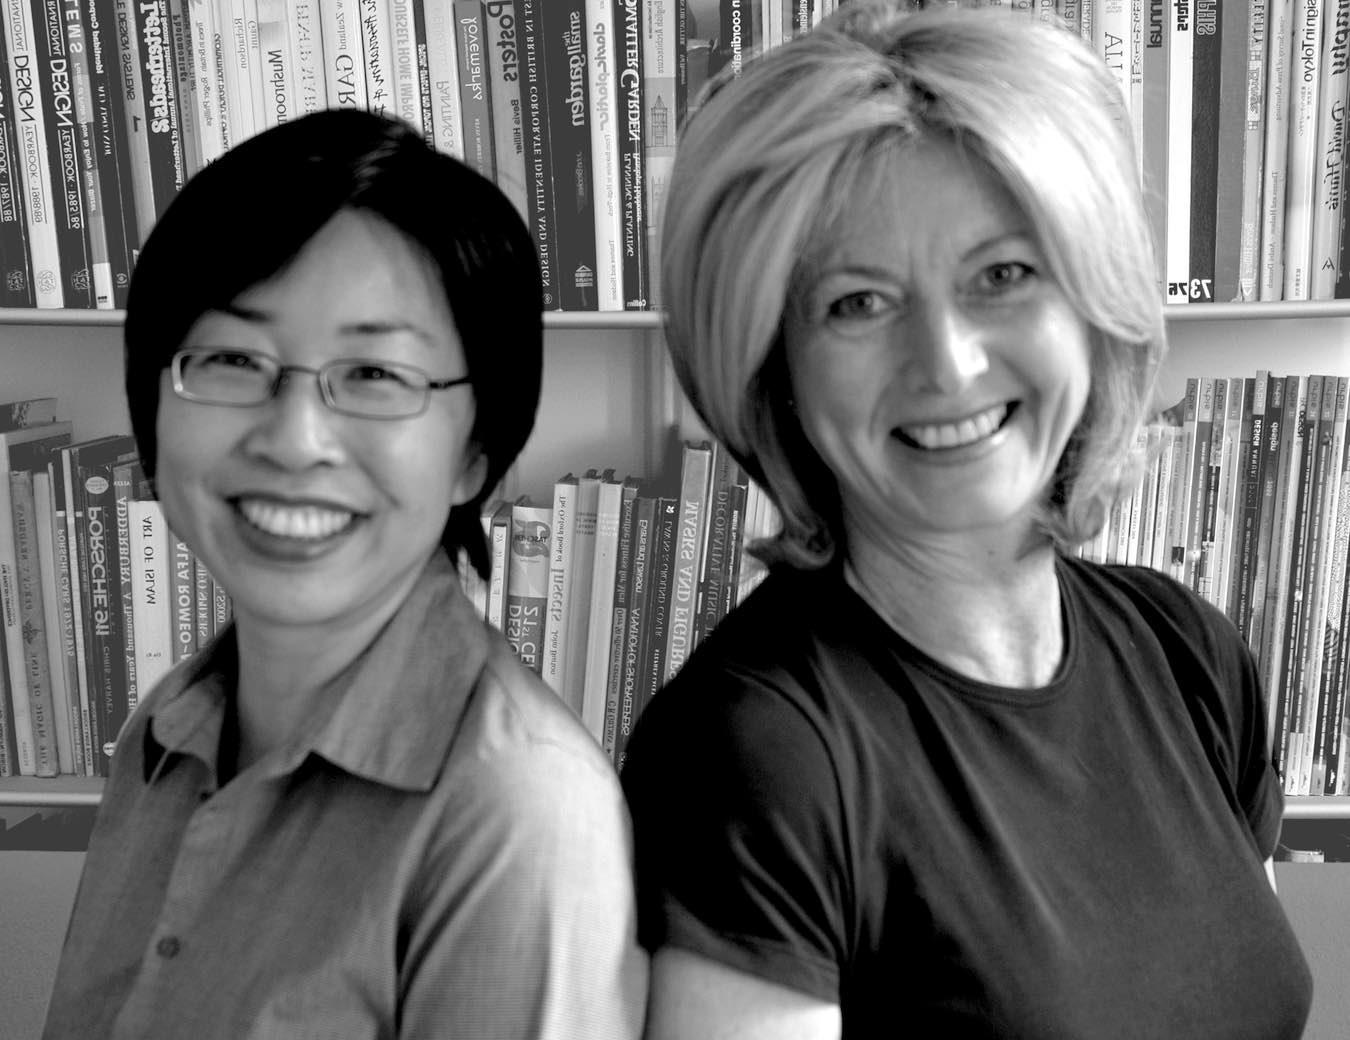 Susanna Stuart and Deborah Carlyon photo together